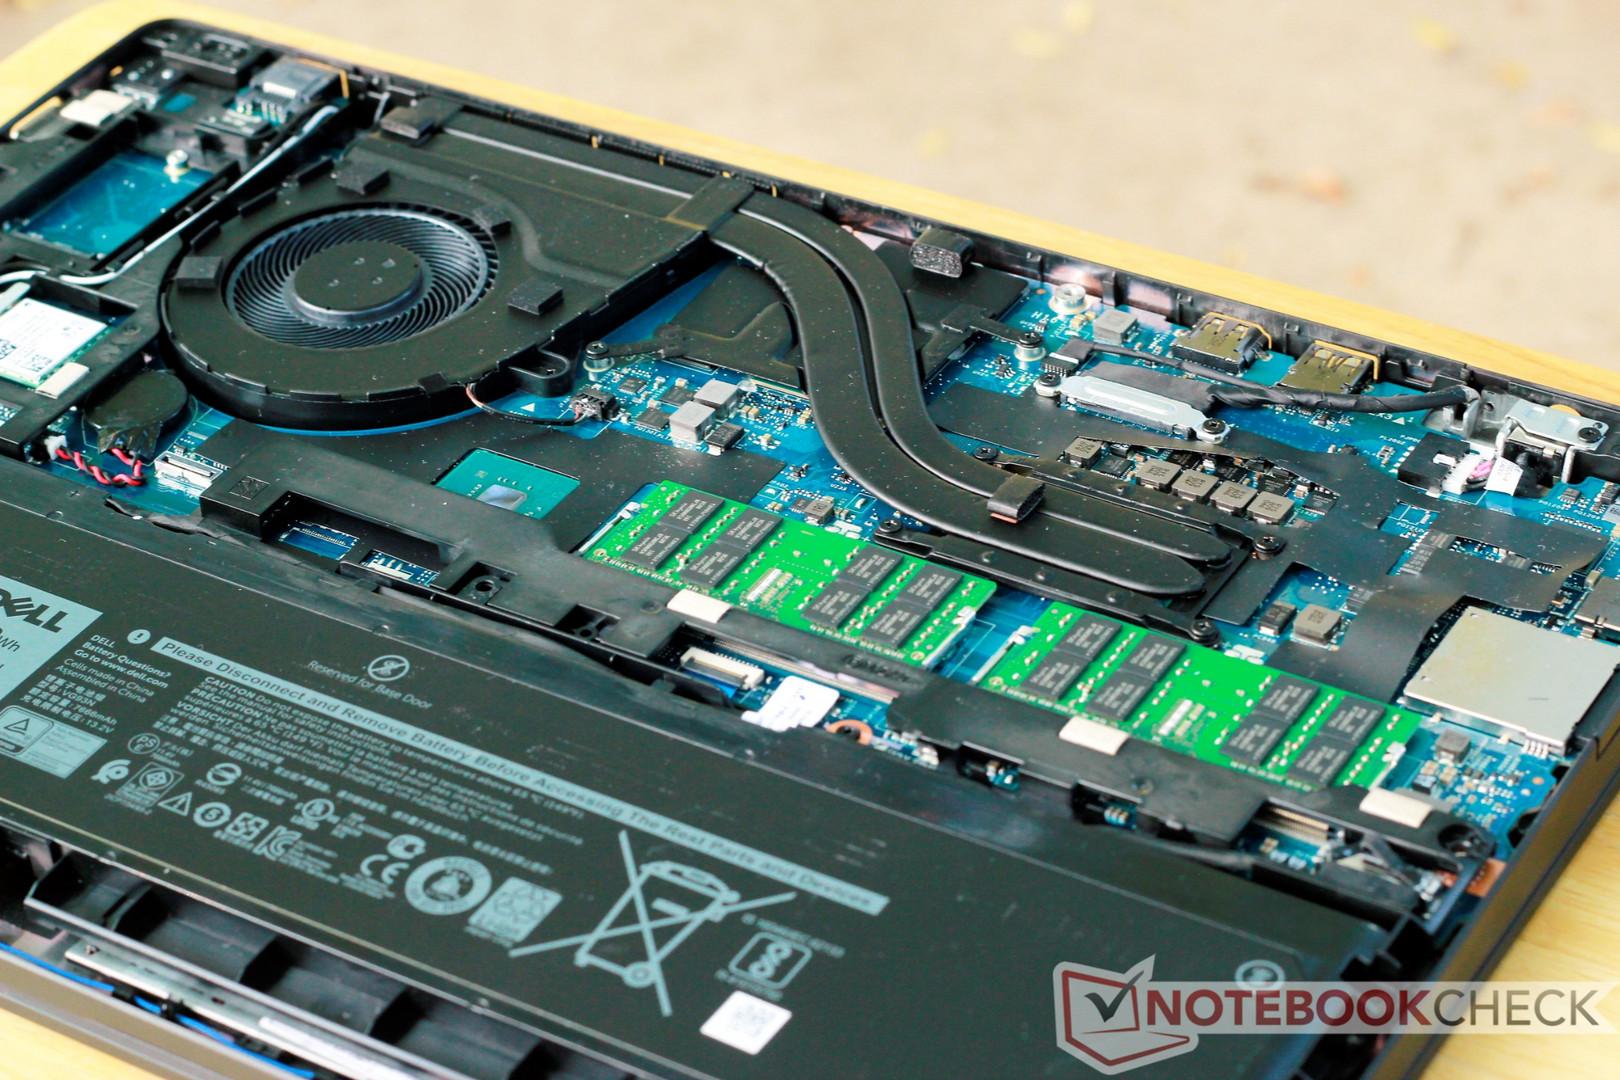 Dell Precision 3530 (Xeon E-2176M, Quadro P600) Workstation Review